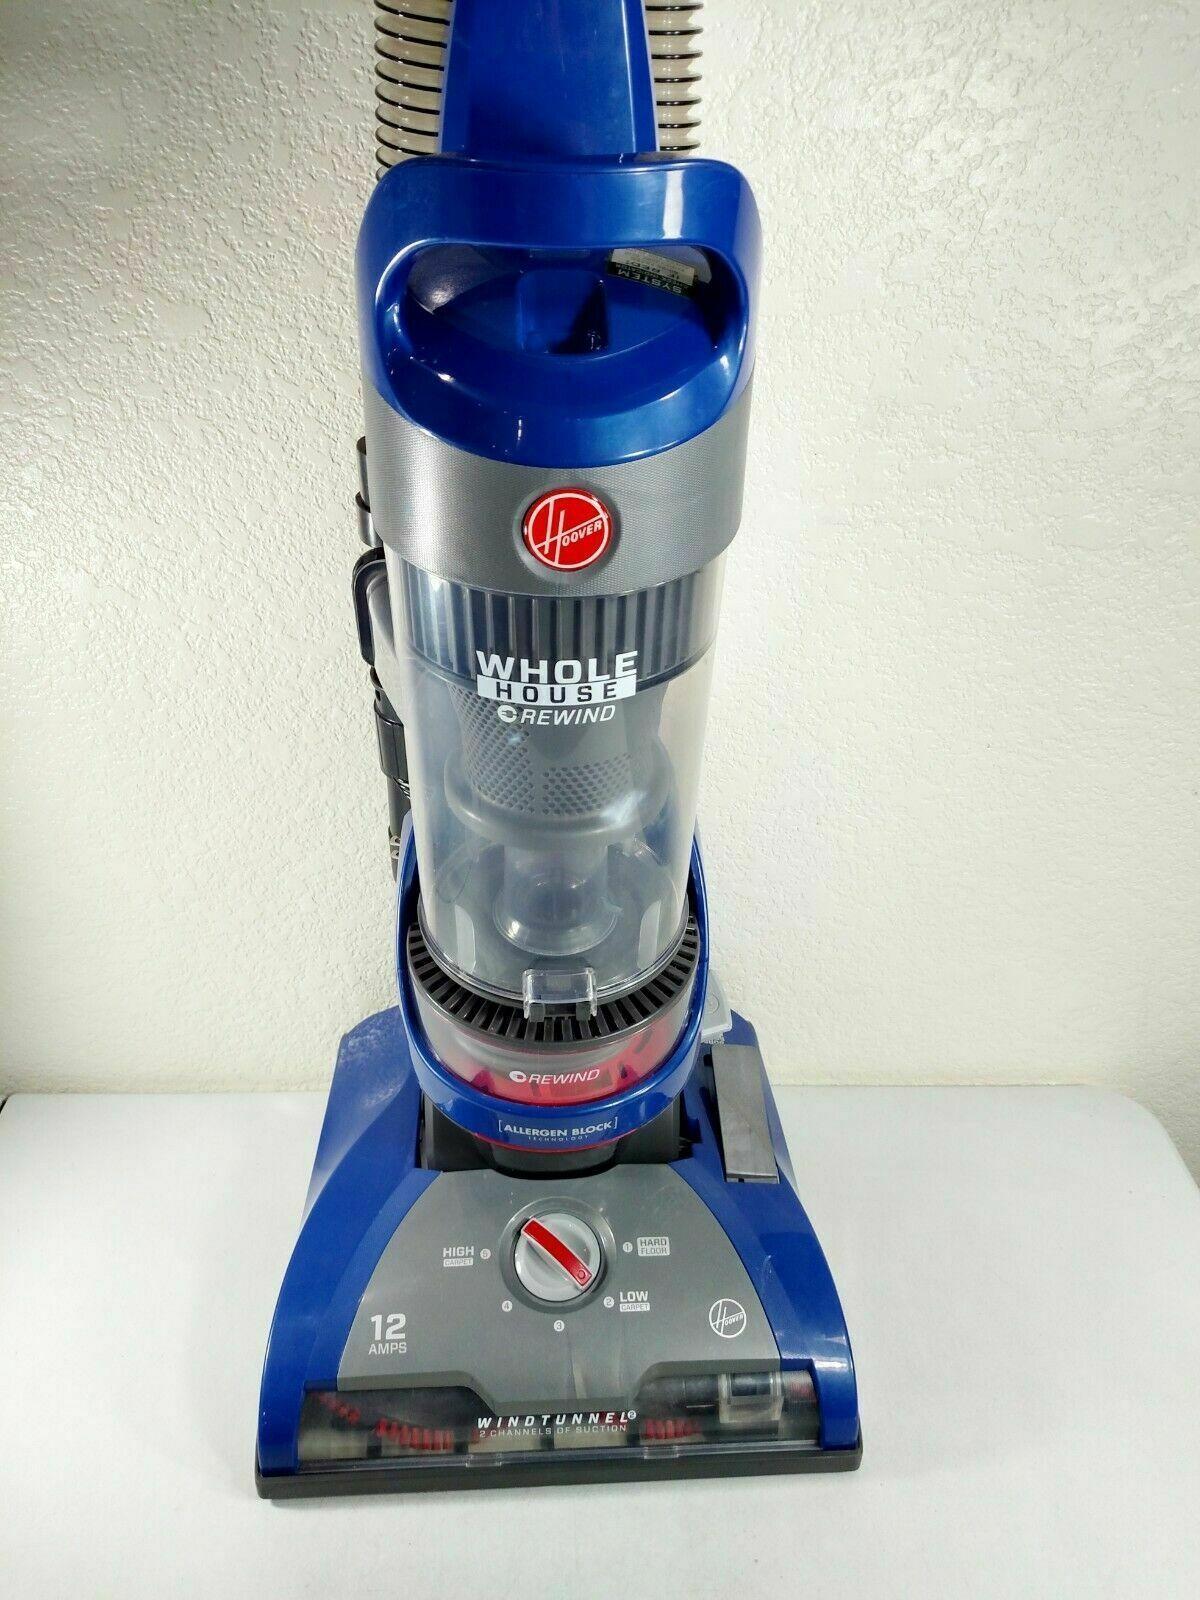 Hoover Vaccum Cleaner Uh71250 Blue 73502044247 Ebay In 2020 Vaccum Cleaner Vaccum Carpet Cleaners